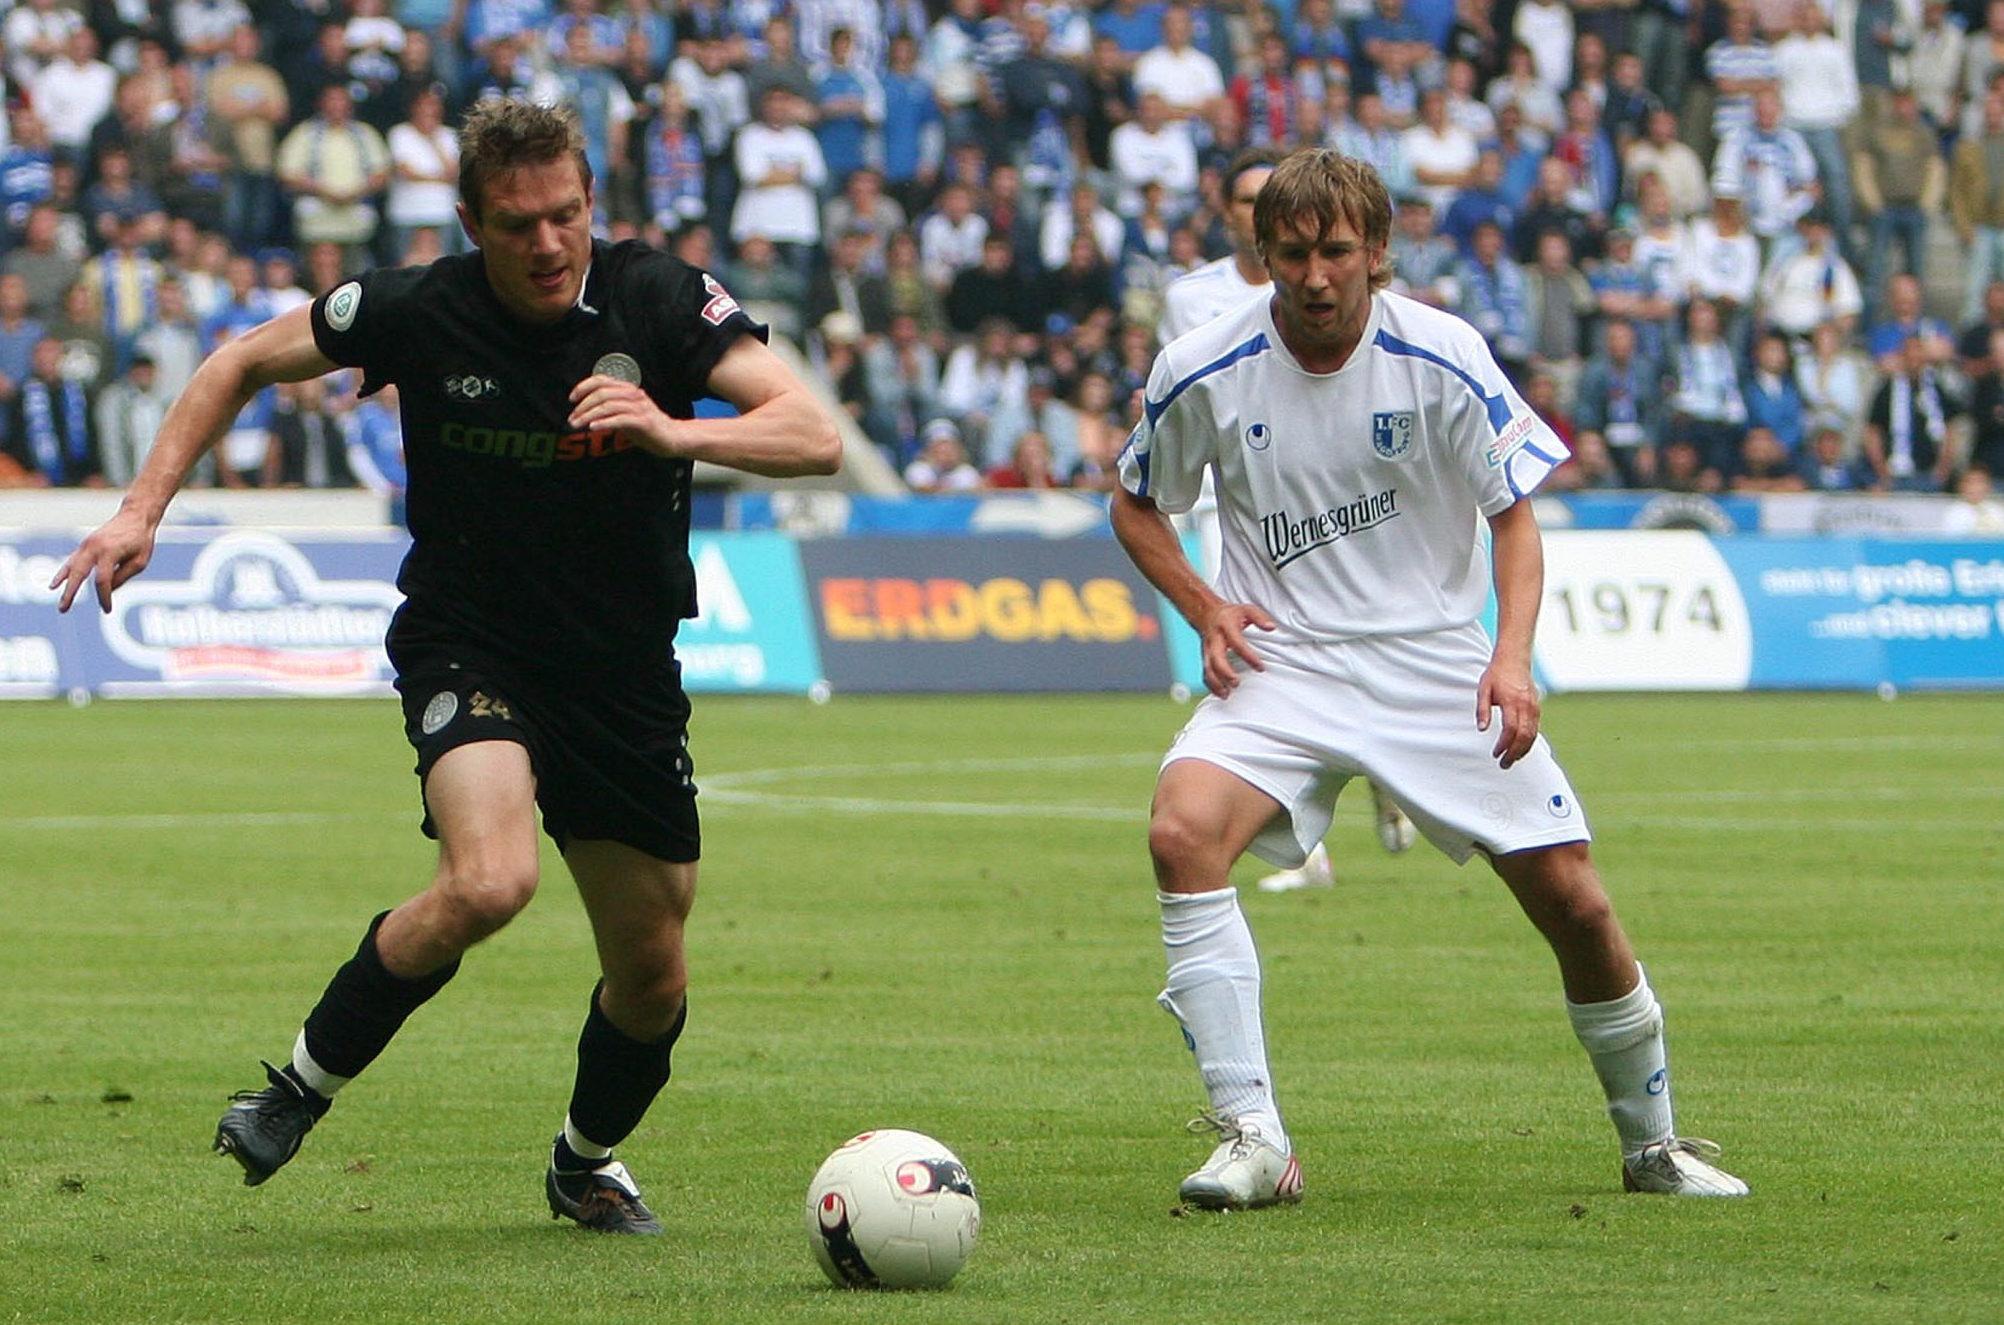 Zu Gast beim 1. FC Magdeburg